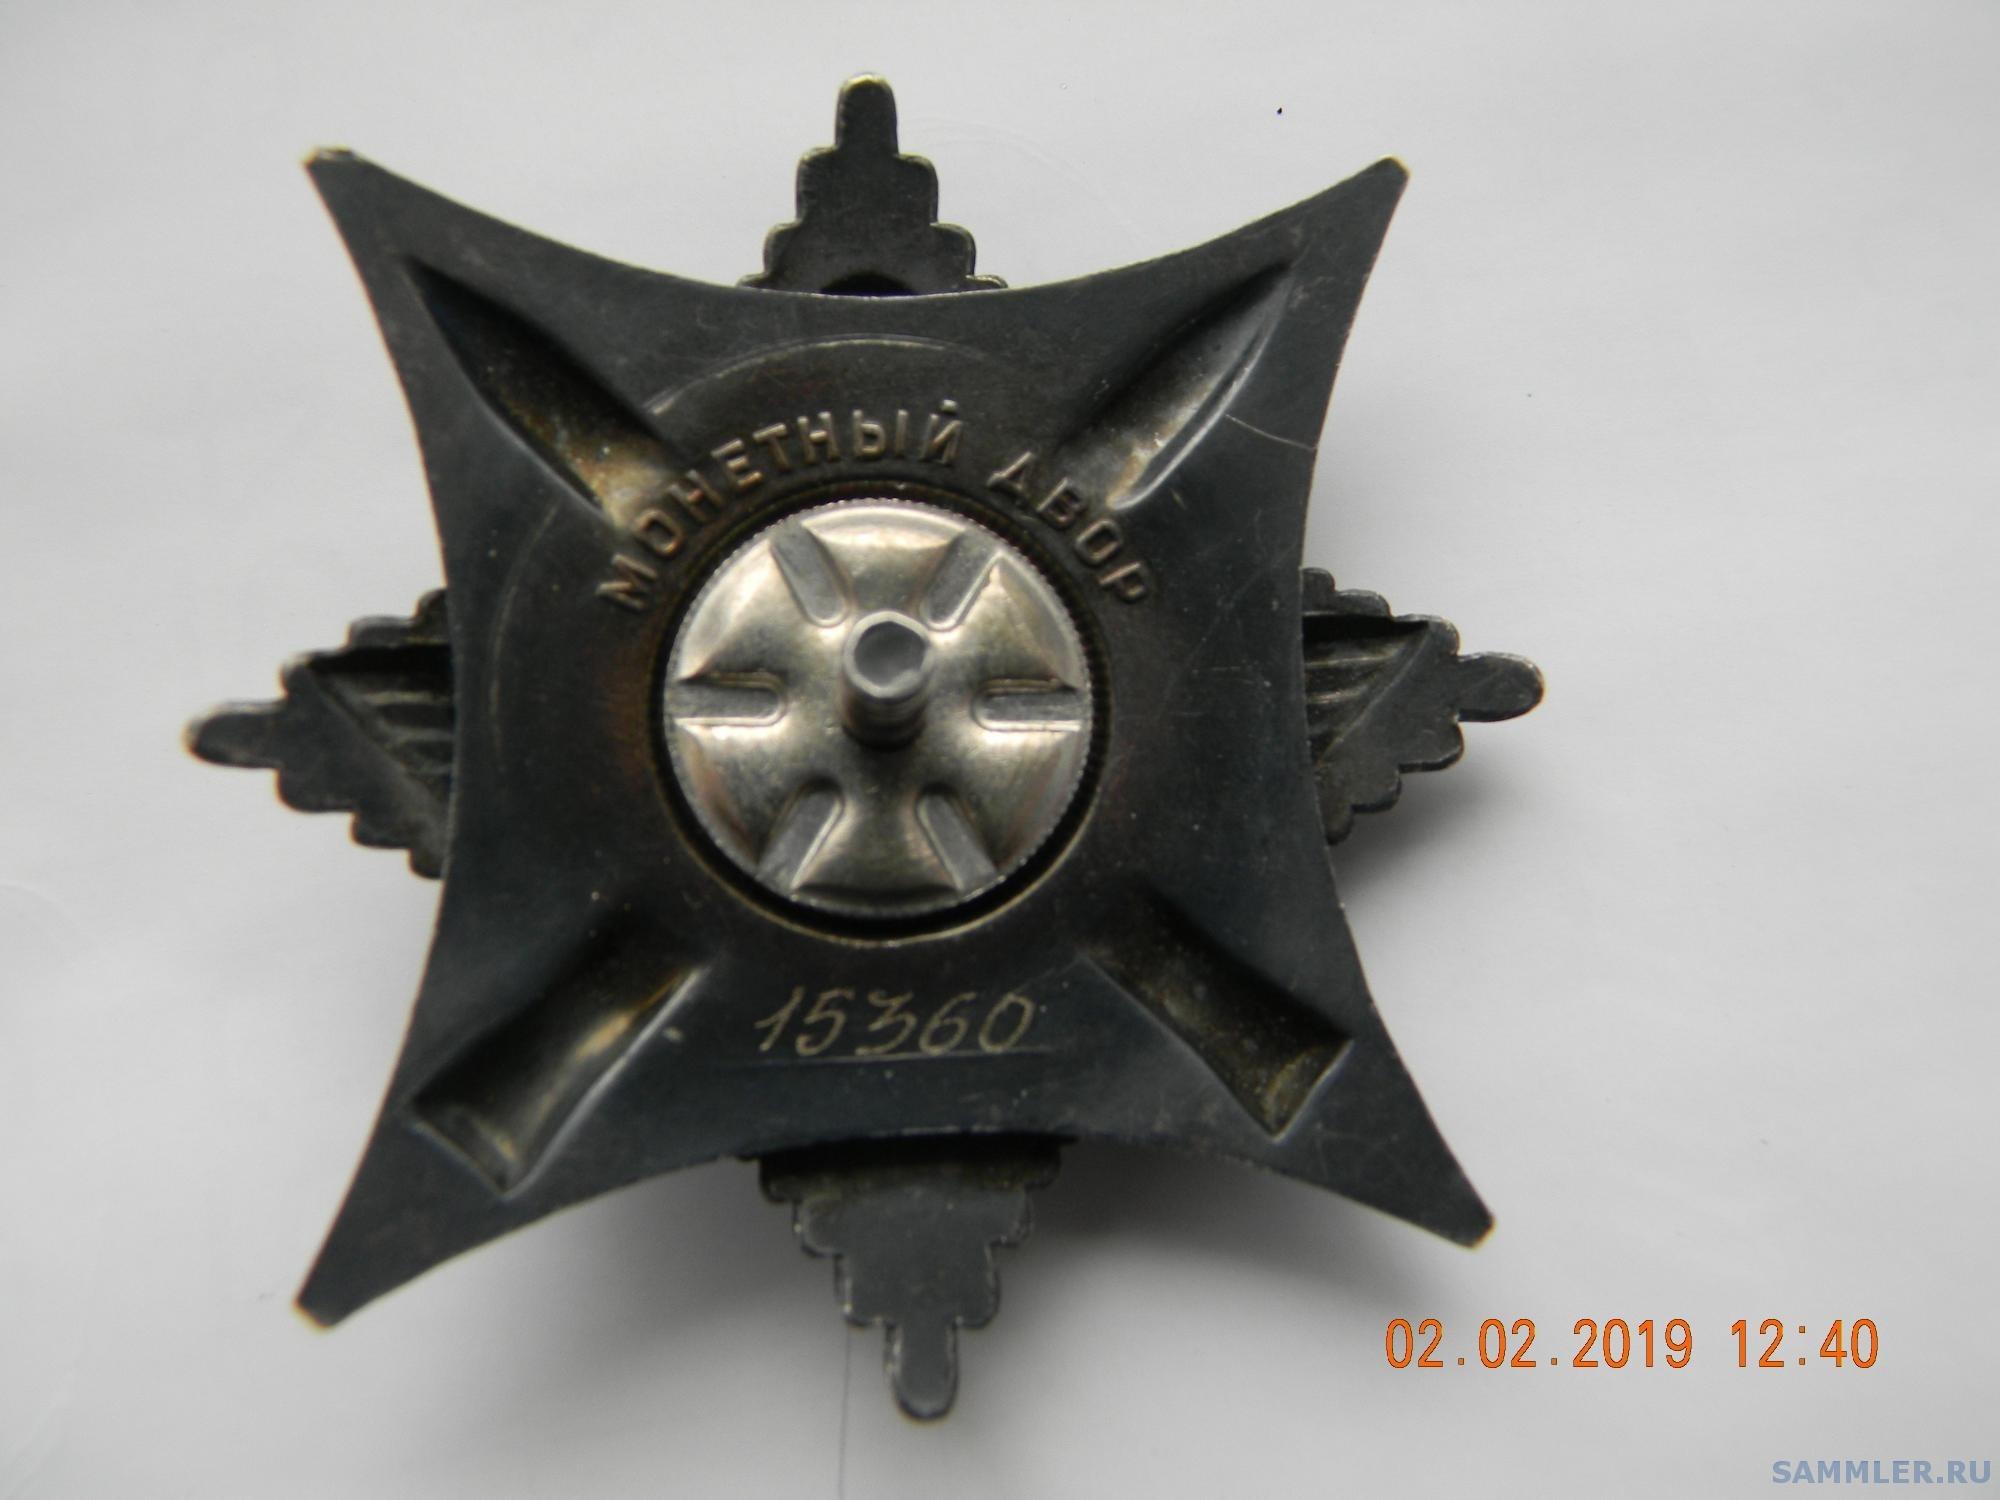 DSCN1264.JPG